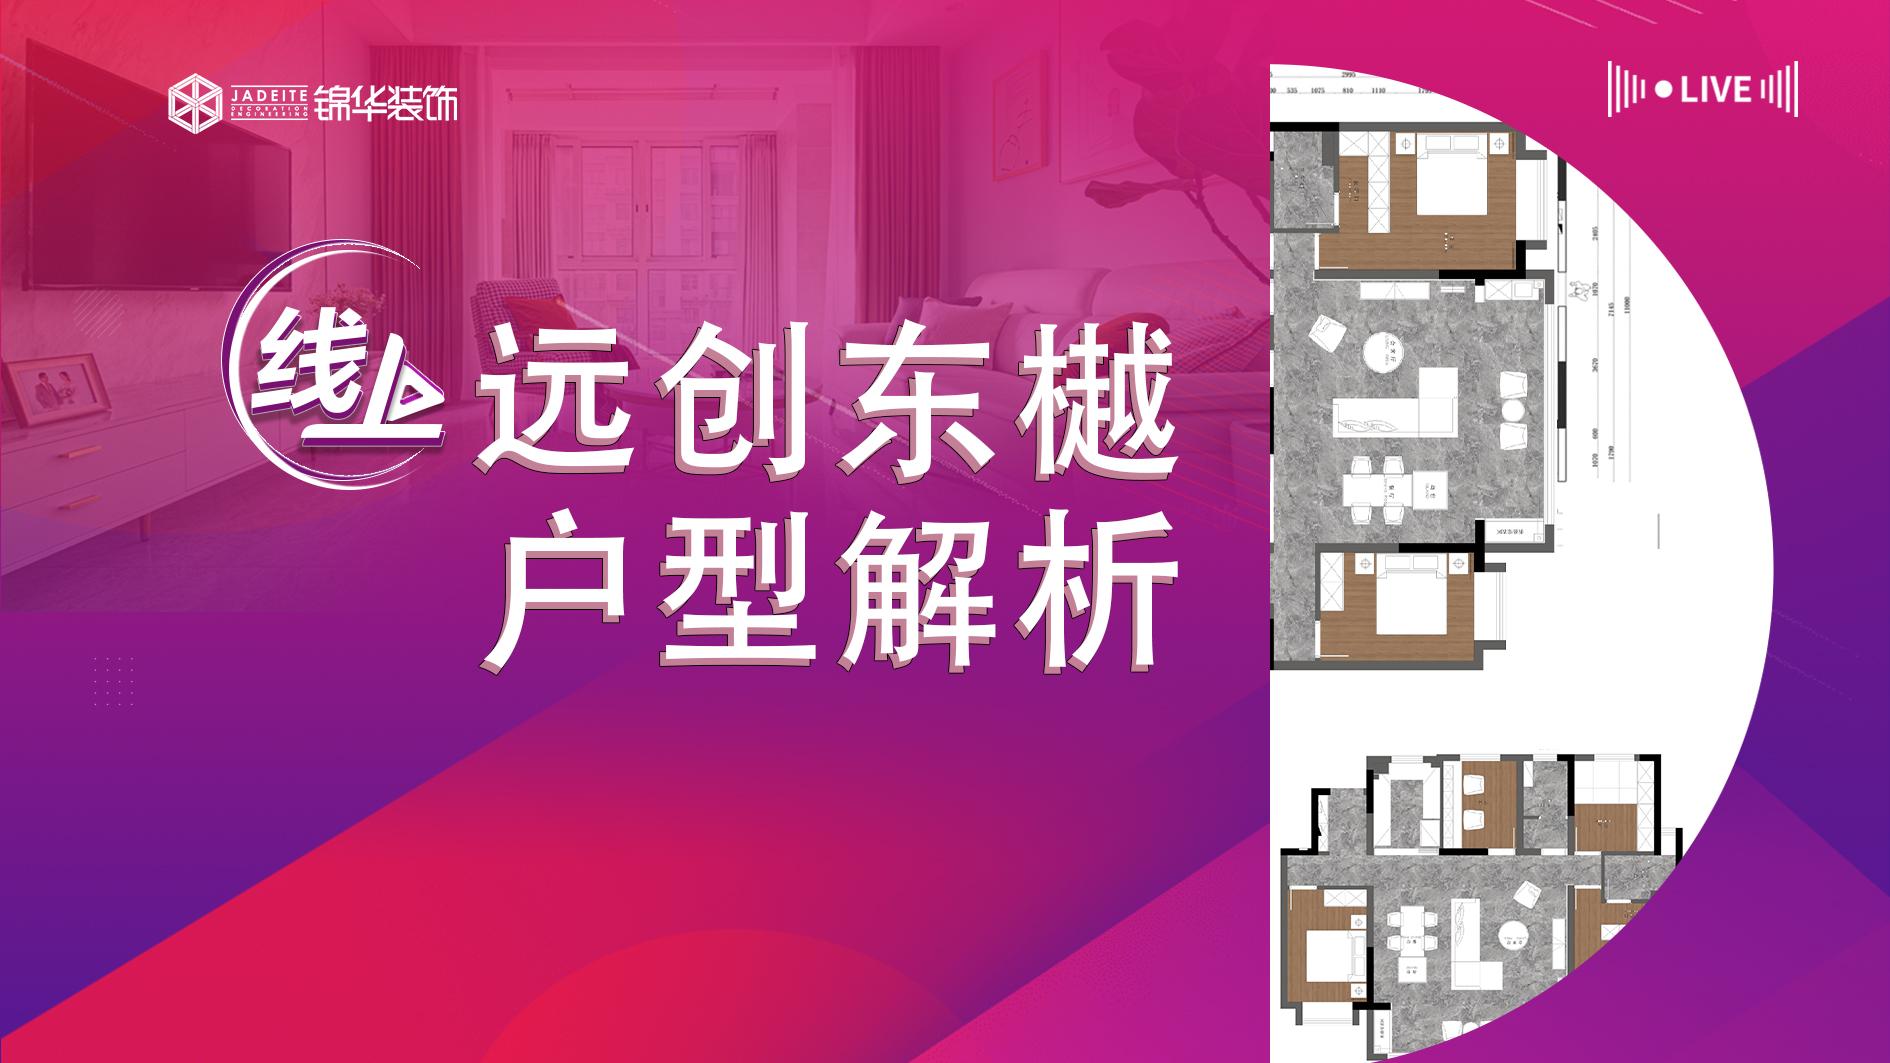 支玲玲-远创东樾 -133平米户型研发